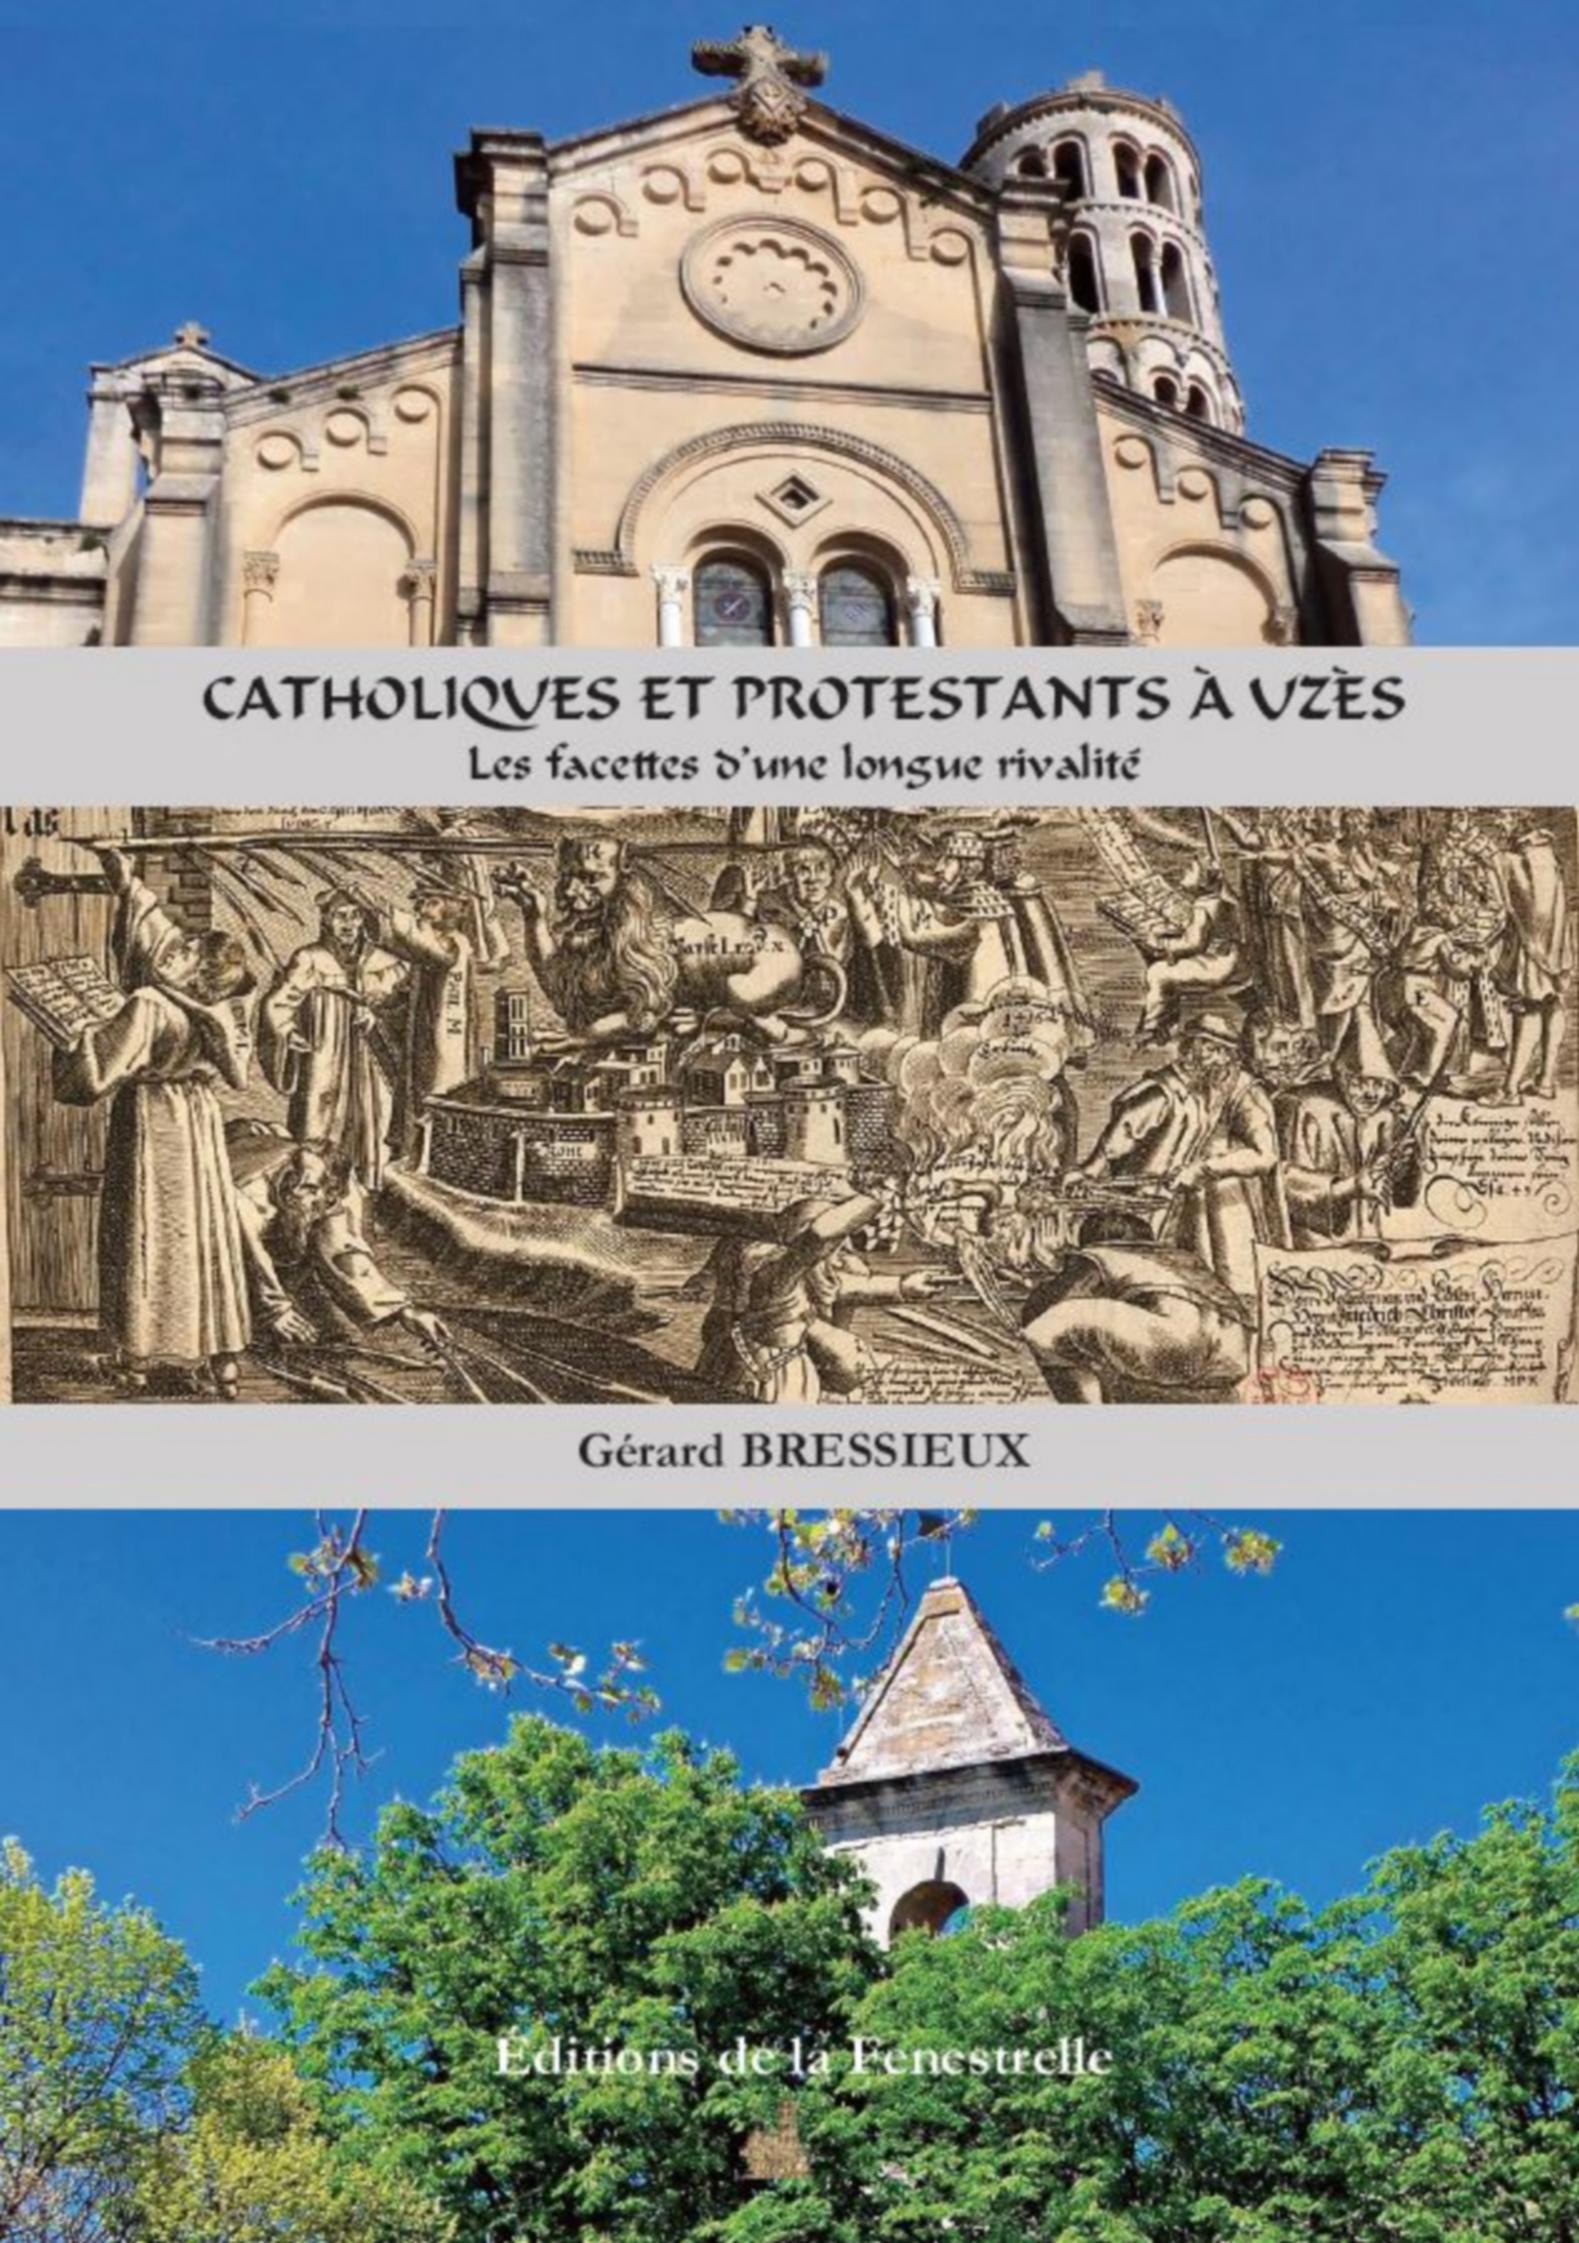 Catholiques et Protestants à Uzès – Les facéties d'une longue rivalité